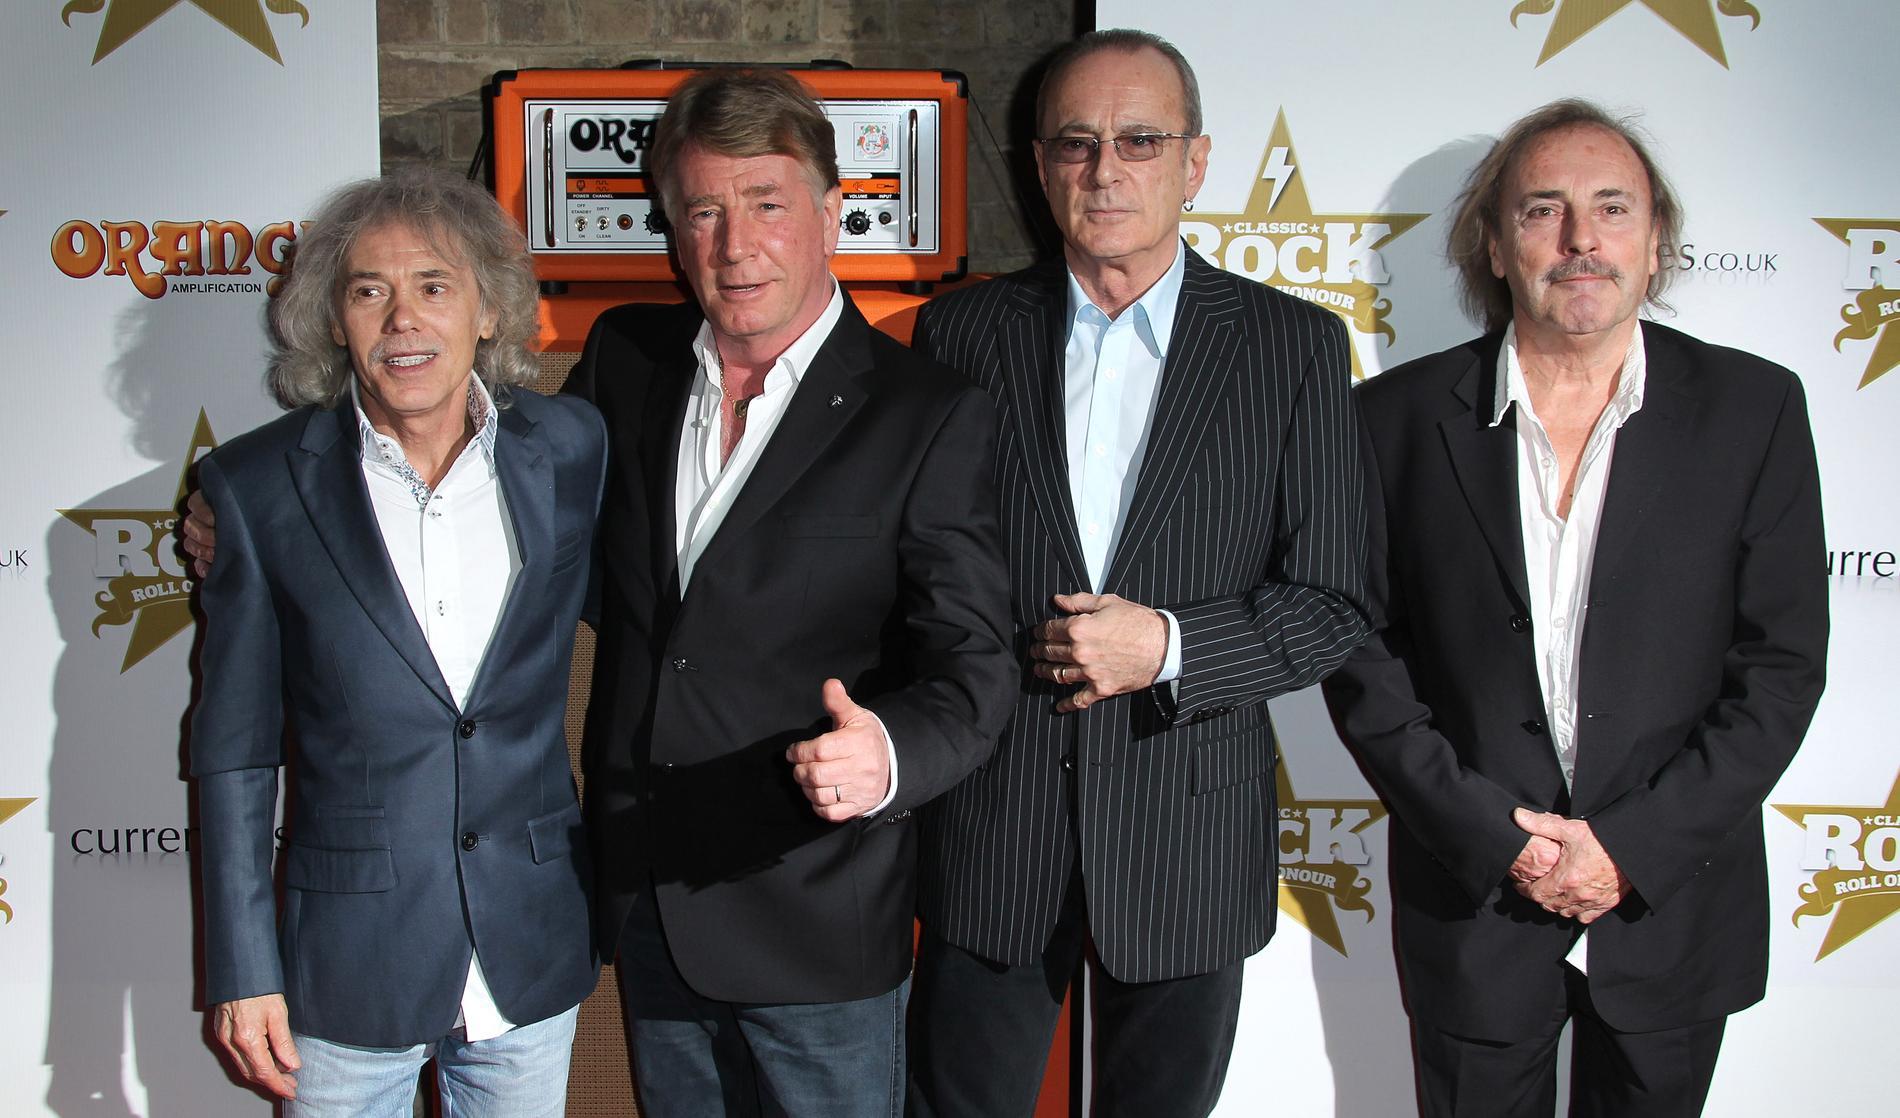 Alan Lancaster (längst till vänster) med sina kollegor i Status Quo 2012. Arkivbild.